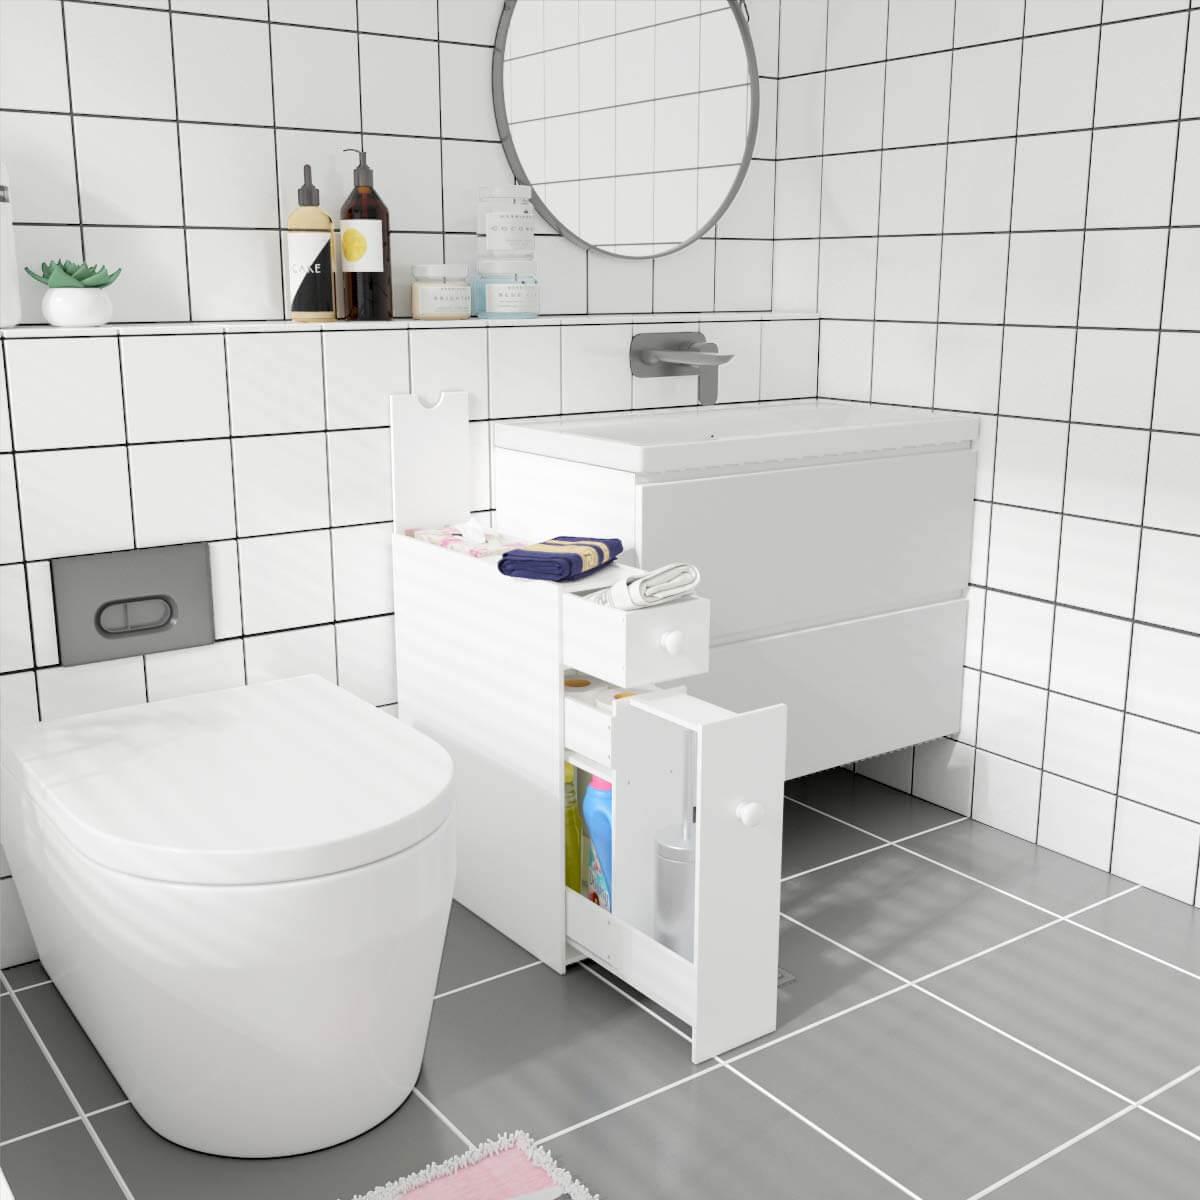 Предметы декора для функциональной организации ванной комнаты фото 3